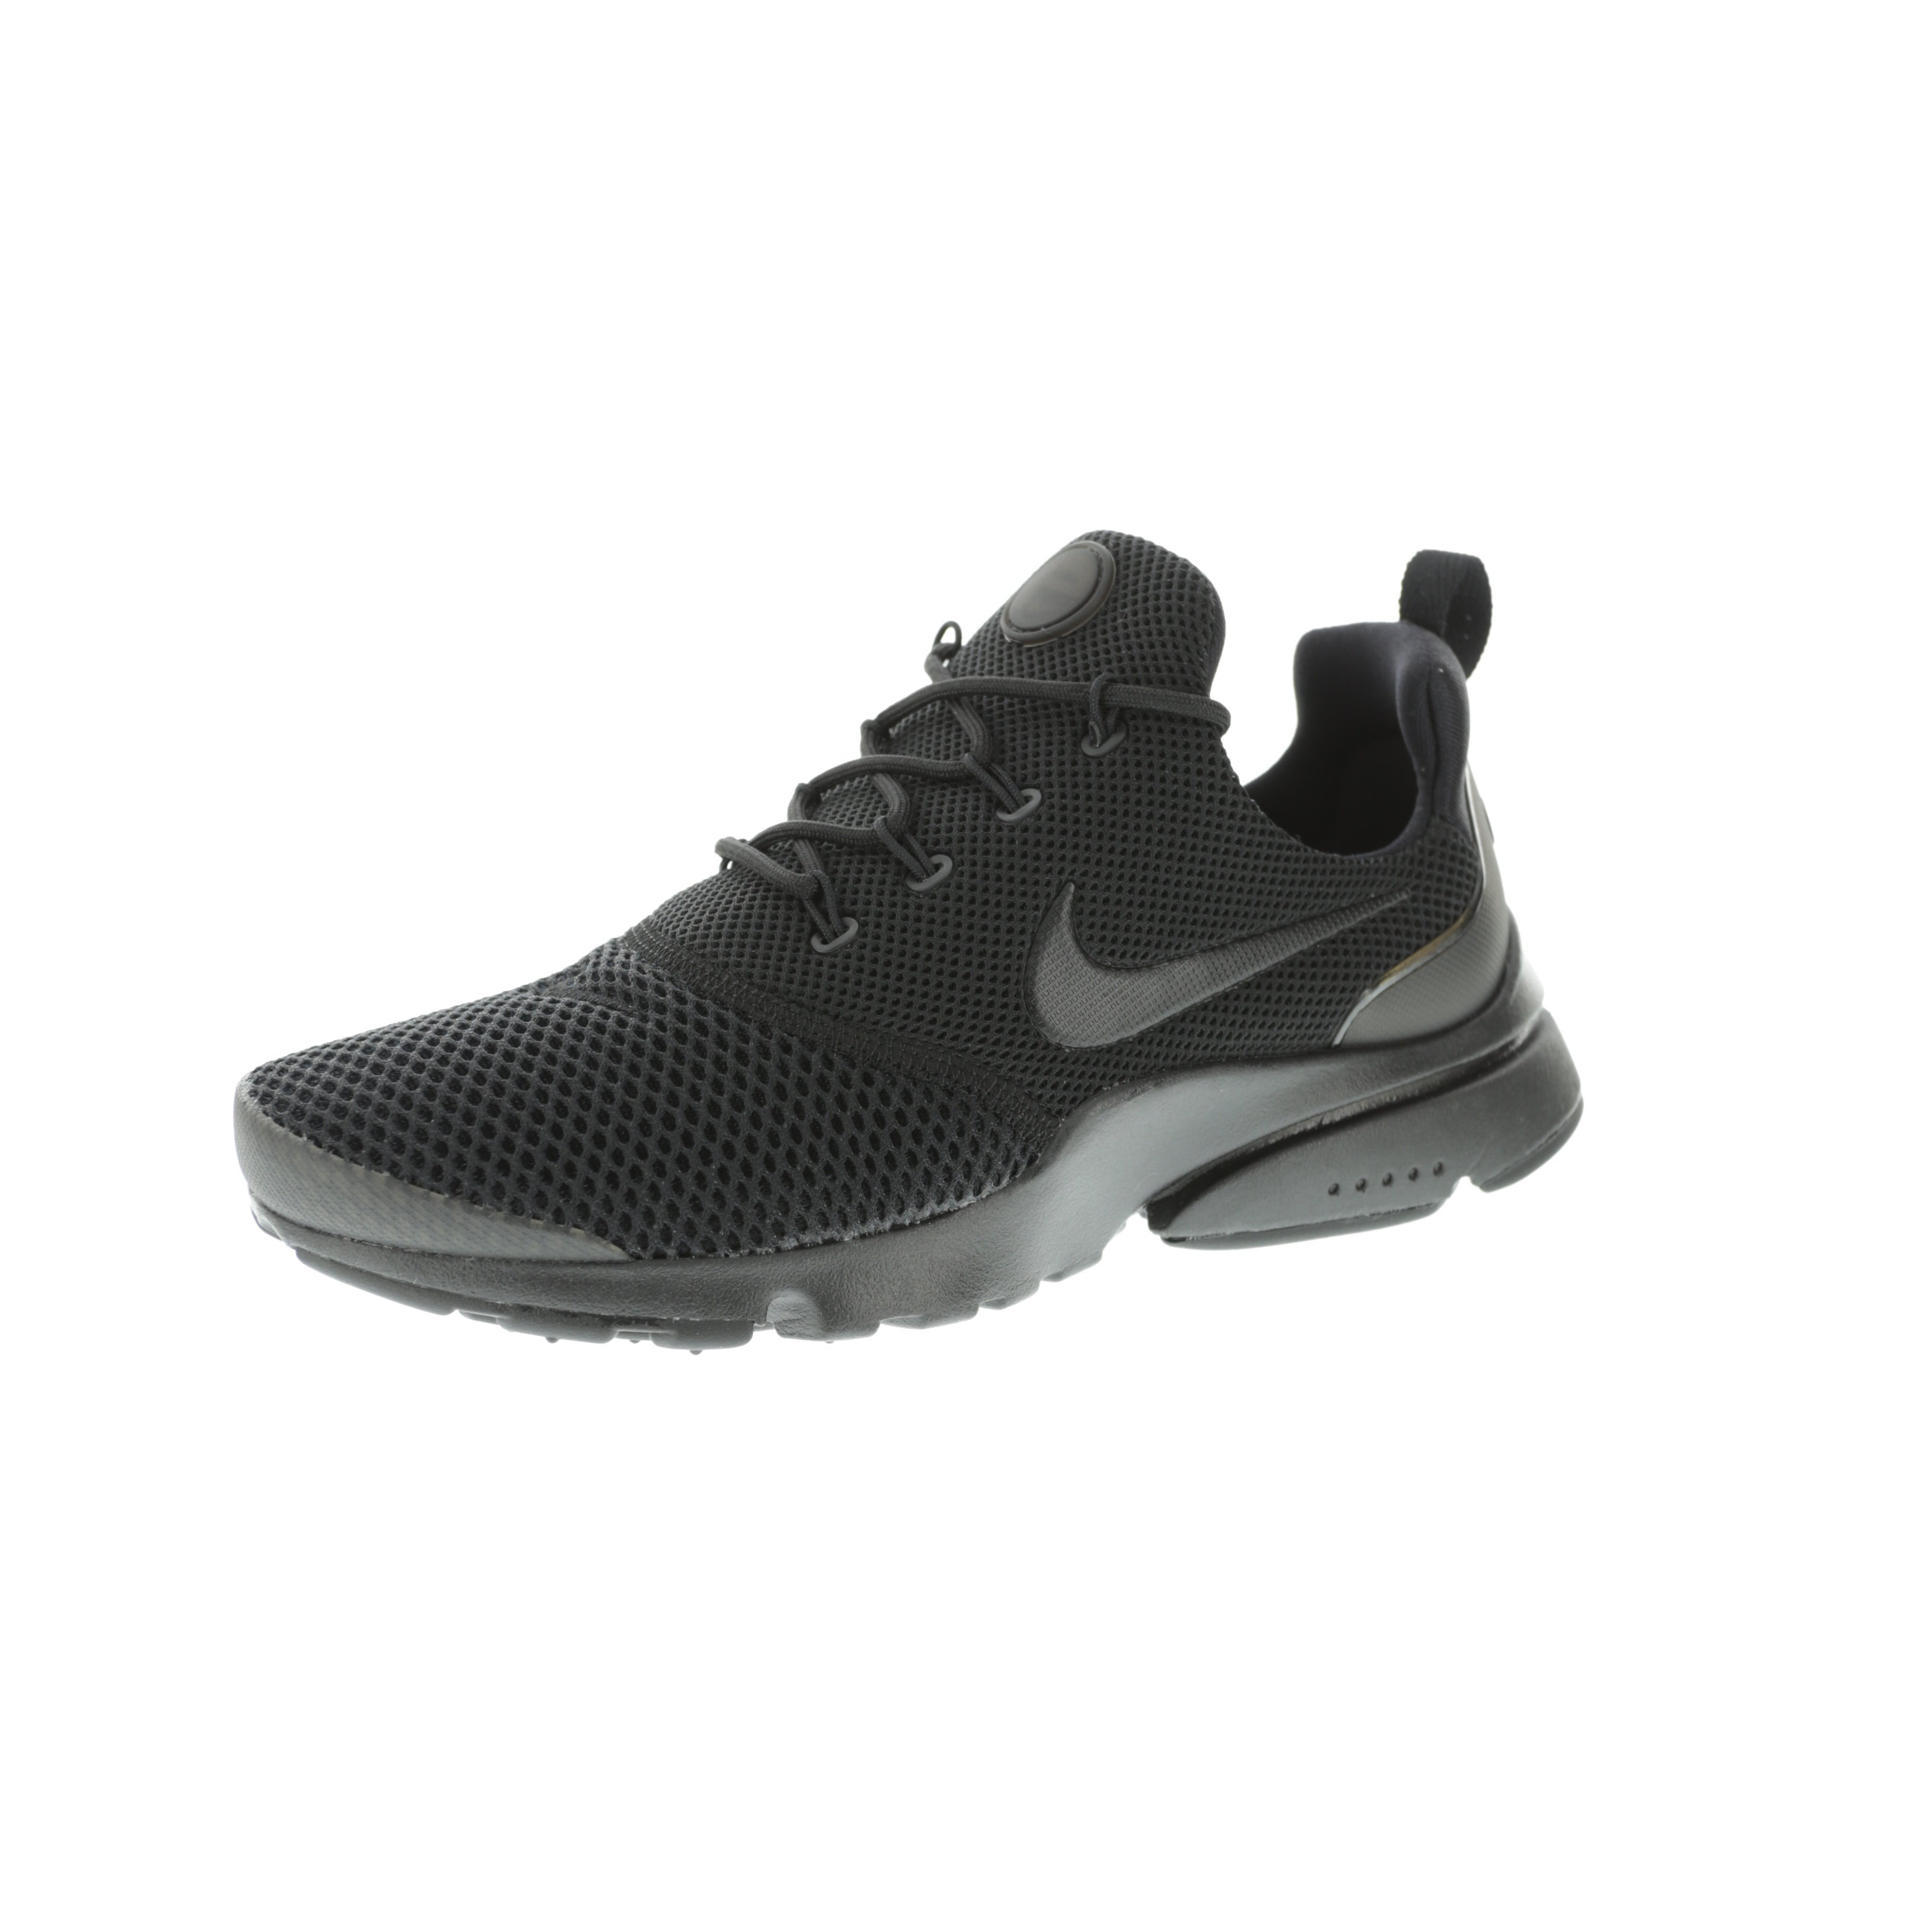 Nike Women's Presto Fly Black/Black